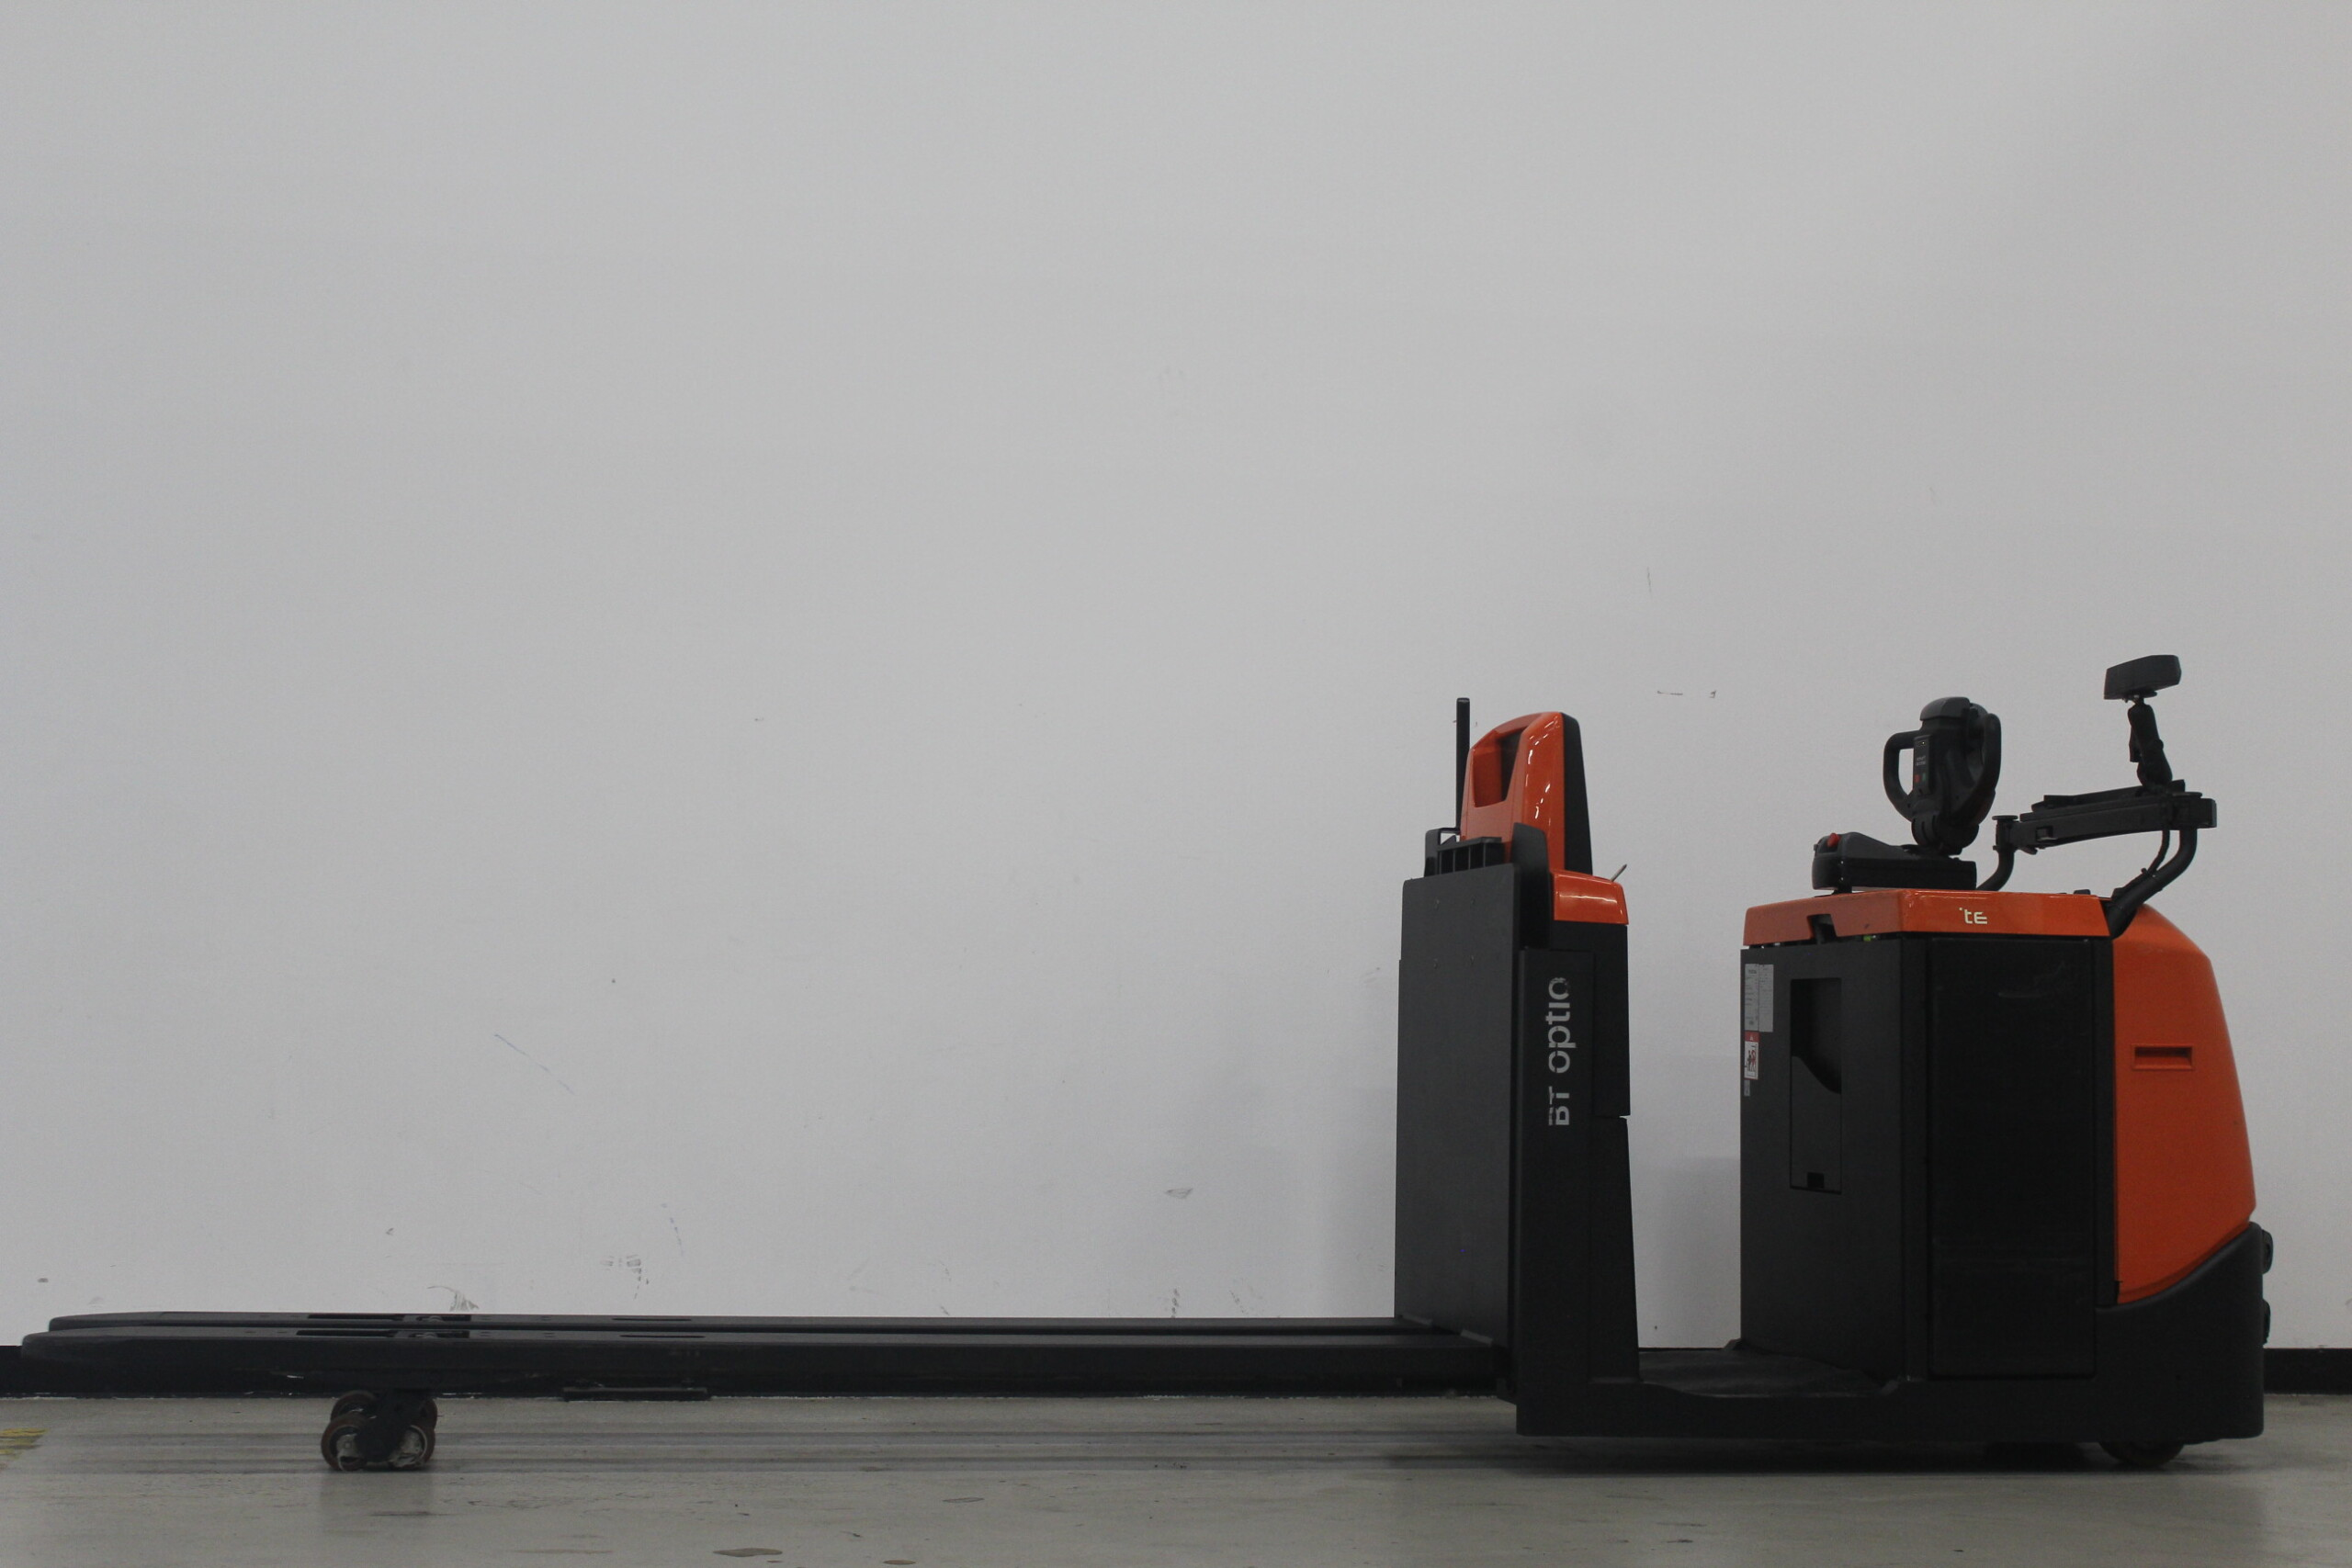 Toyota-Gabelstapler-59840 1712017743 1 5 scaled